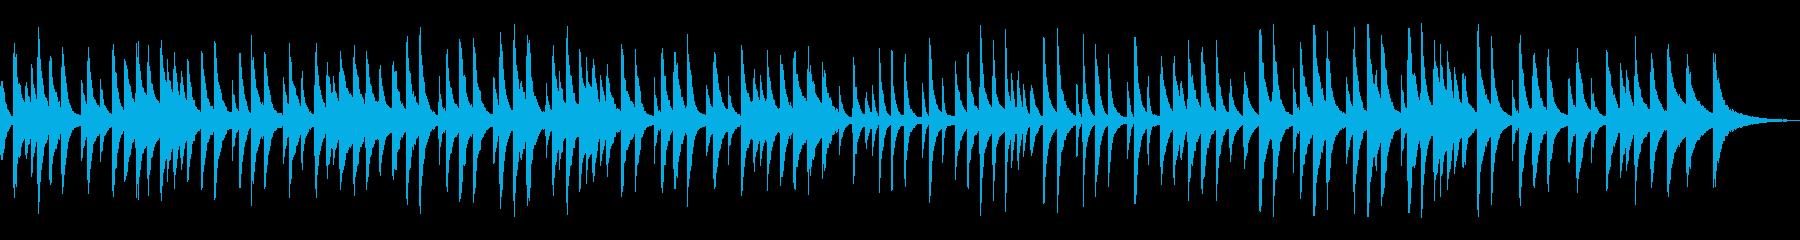 「蛍の光」おしゃれなラウンジピアノソロの再生済みの波形